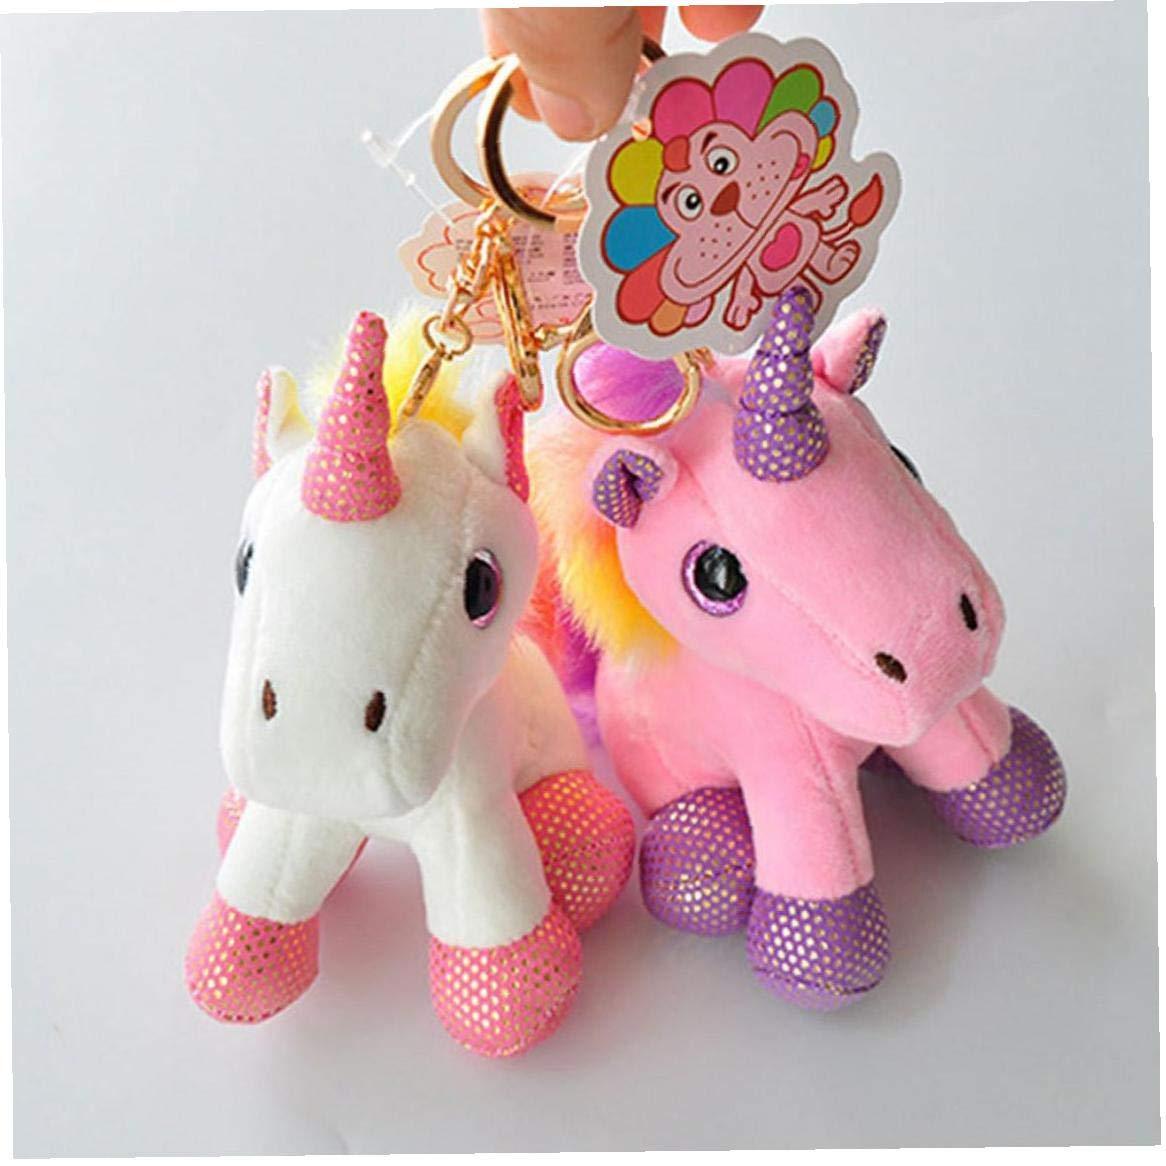 Colorful Unicorno Peluche Zaino Ciondolo Portachiavi Peluche Plush Portachiavi Piccoli Accessori Pendente Del Sacchetto